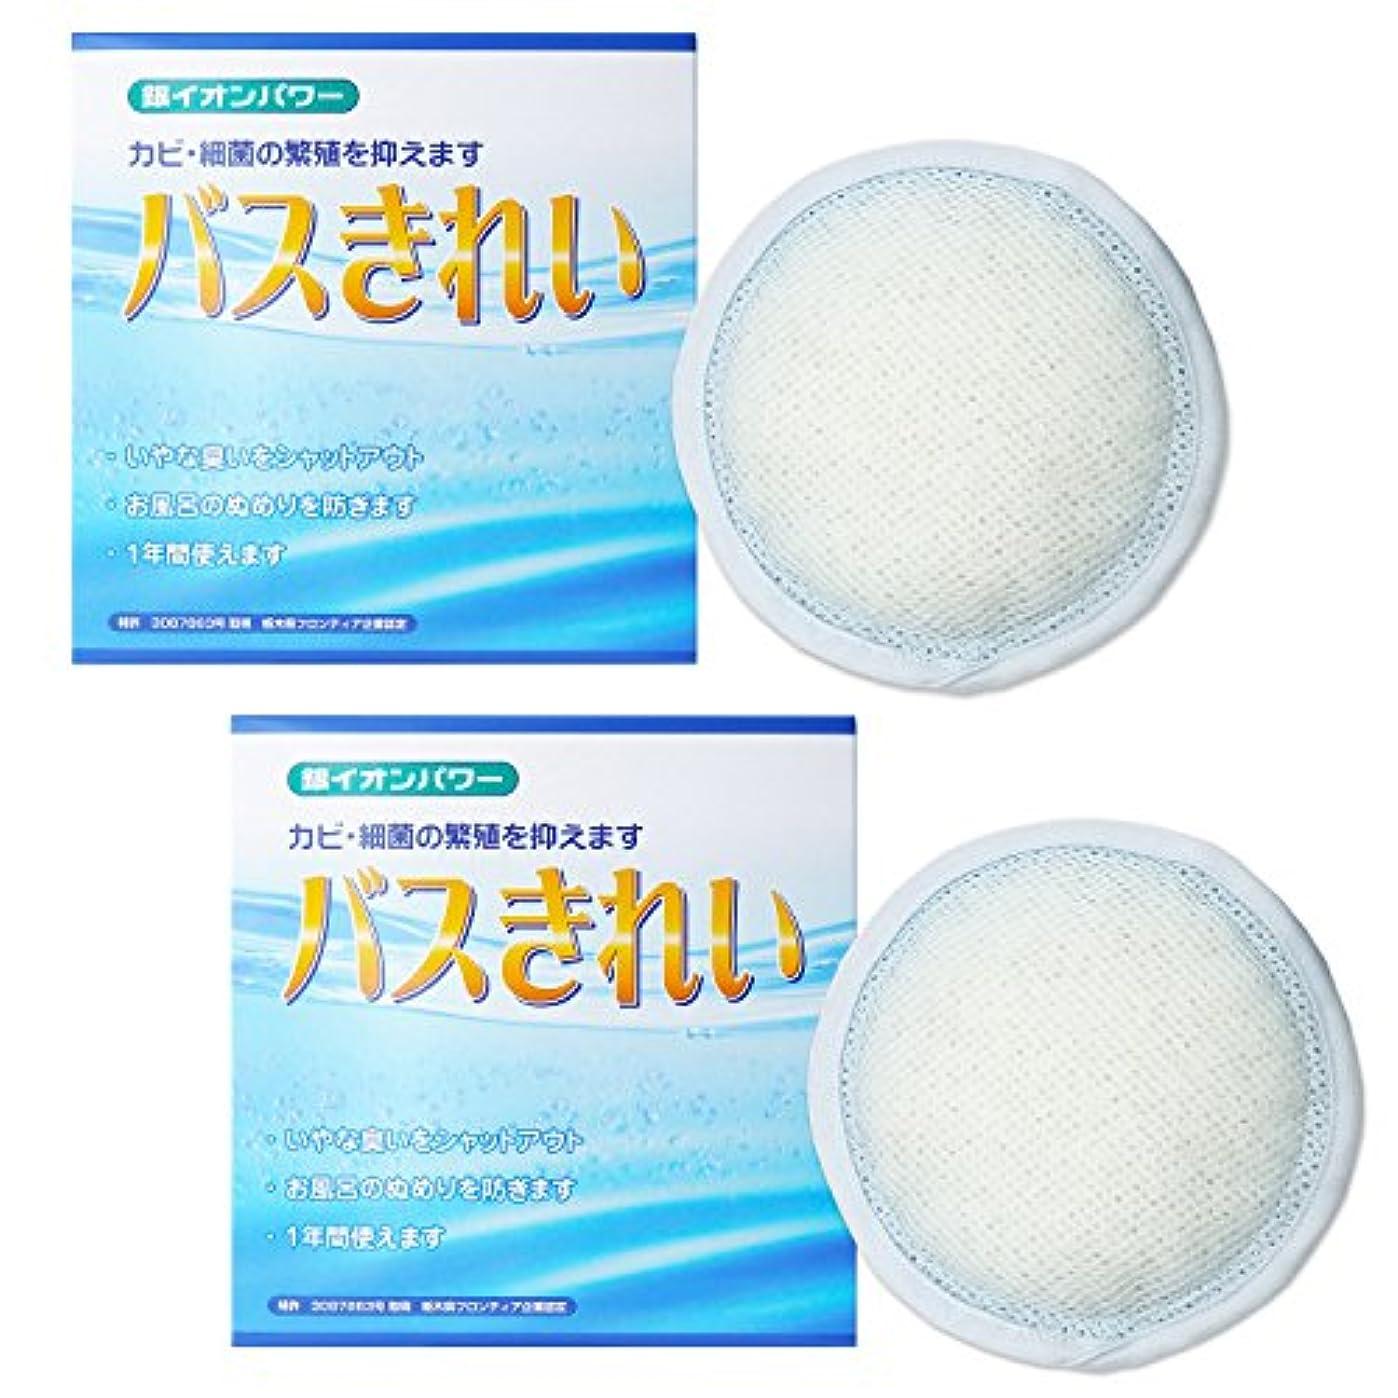 違法局月曜Ag+ 銀イオンパワー 【バスきれい 2個セット】 お風呂用銀イオン ポンと入れるだけ1年使えるエコ製品